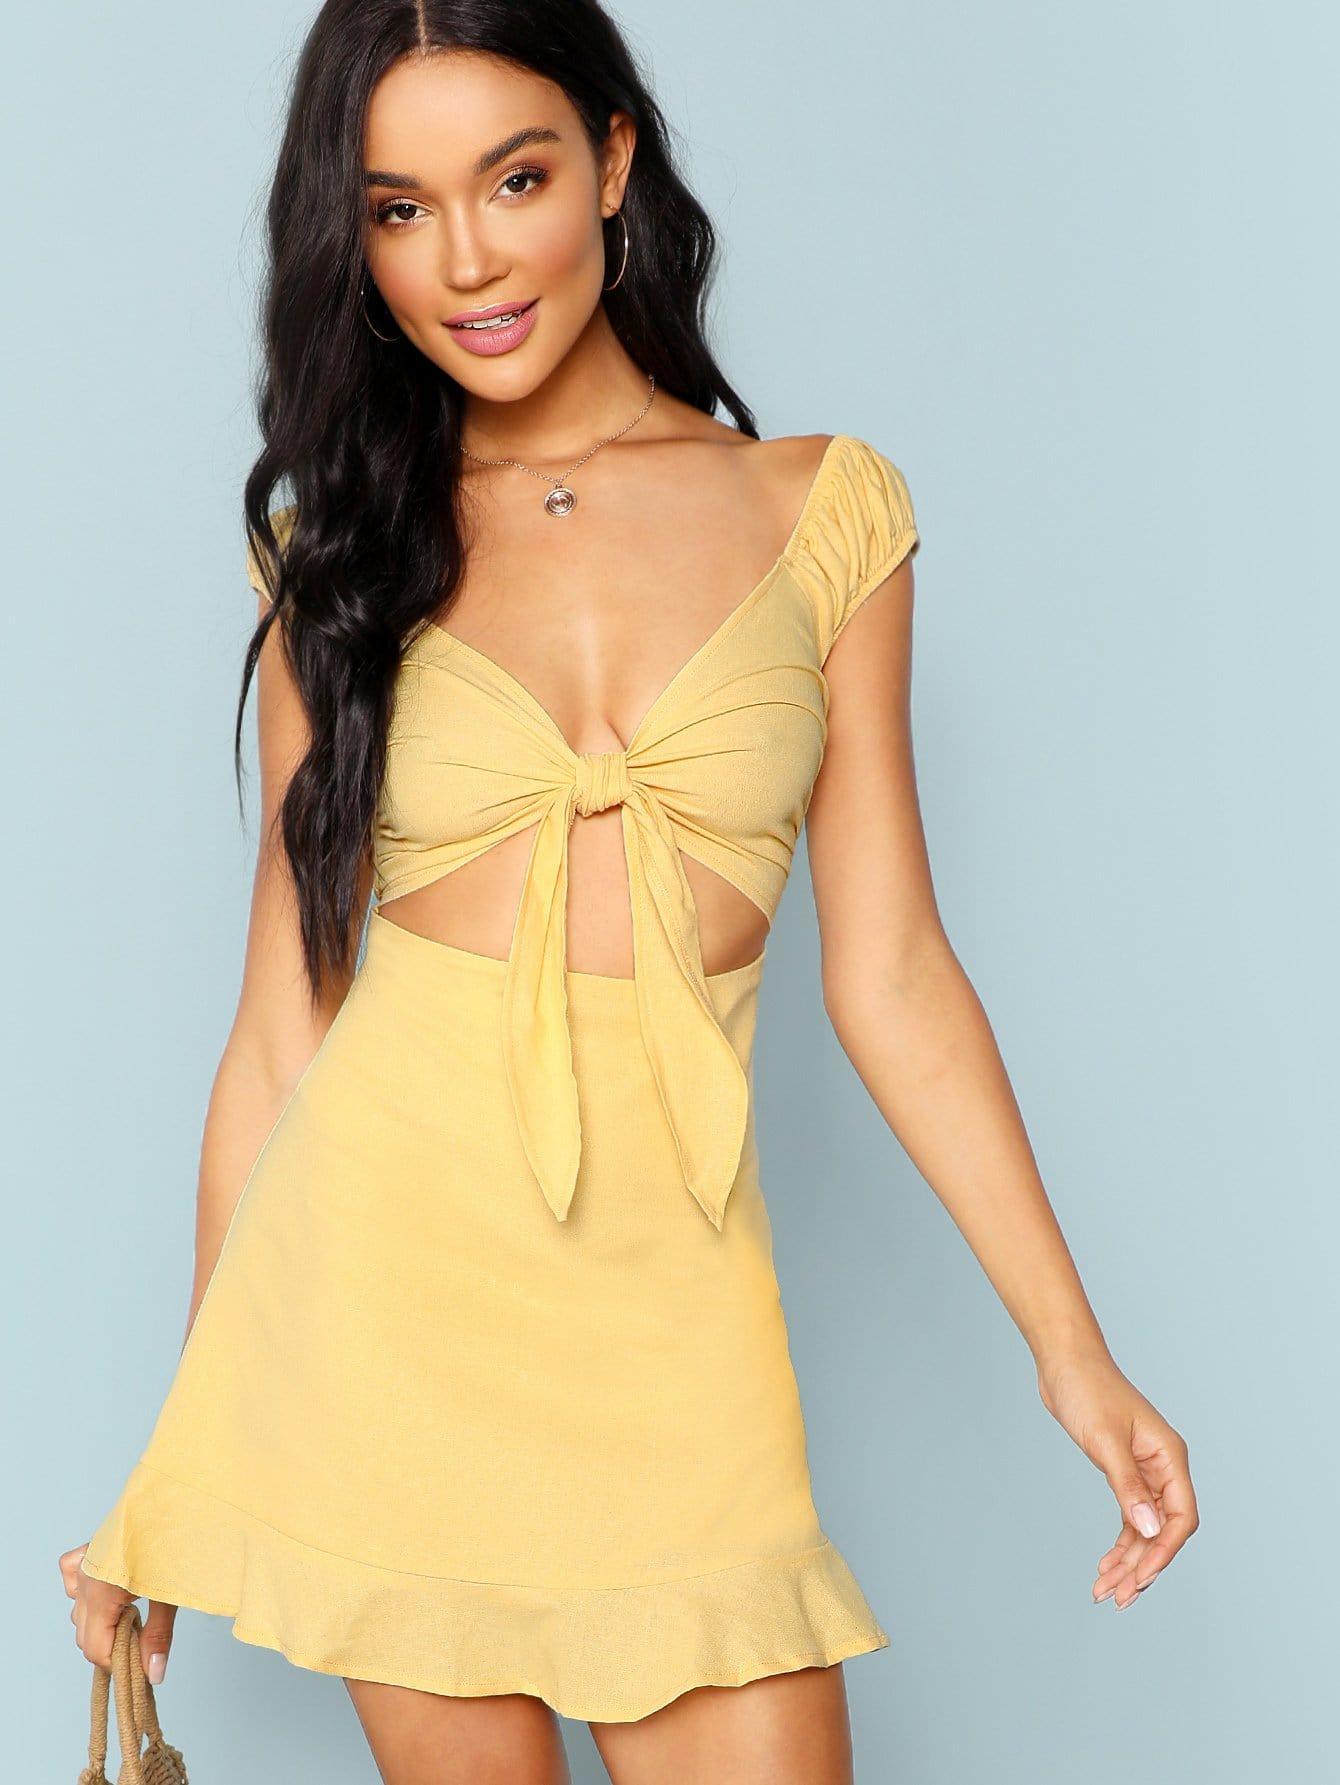 Купить Плоское платье и с украшением банта перед одежды и со складками, Juliette, SheIn